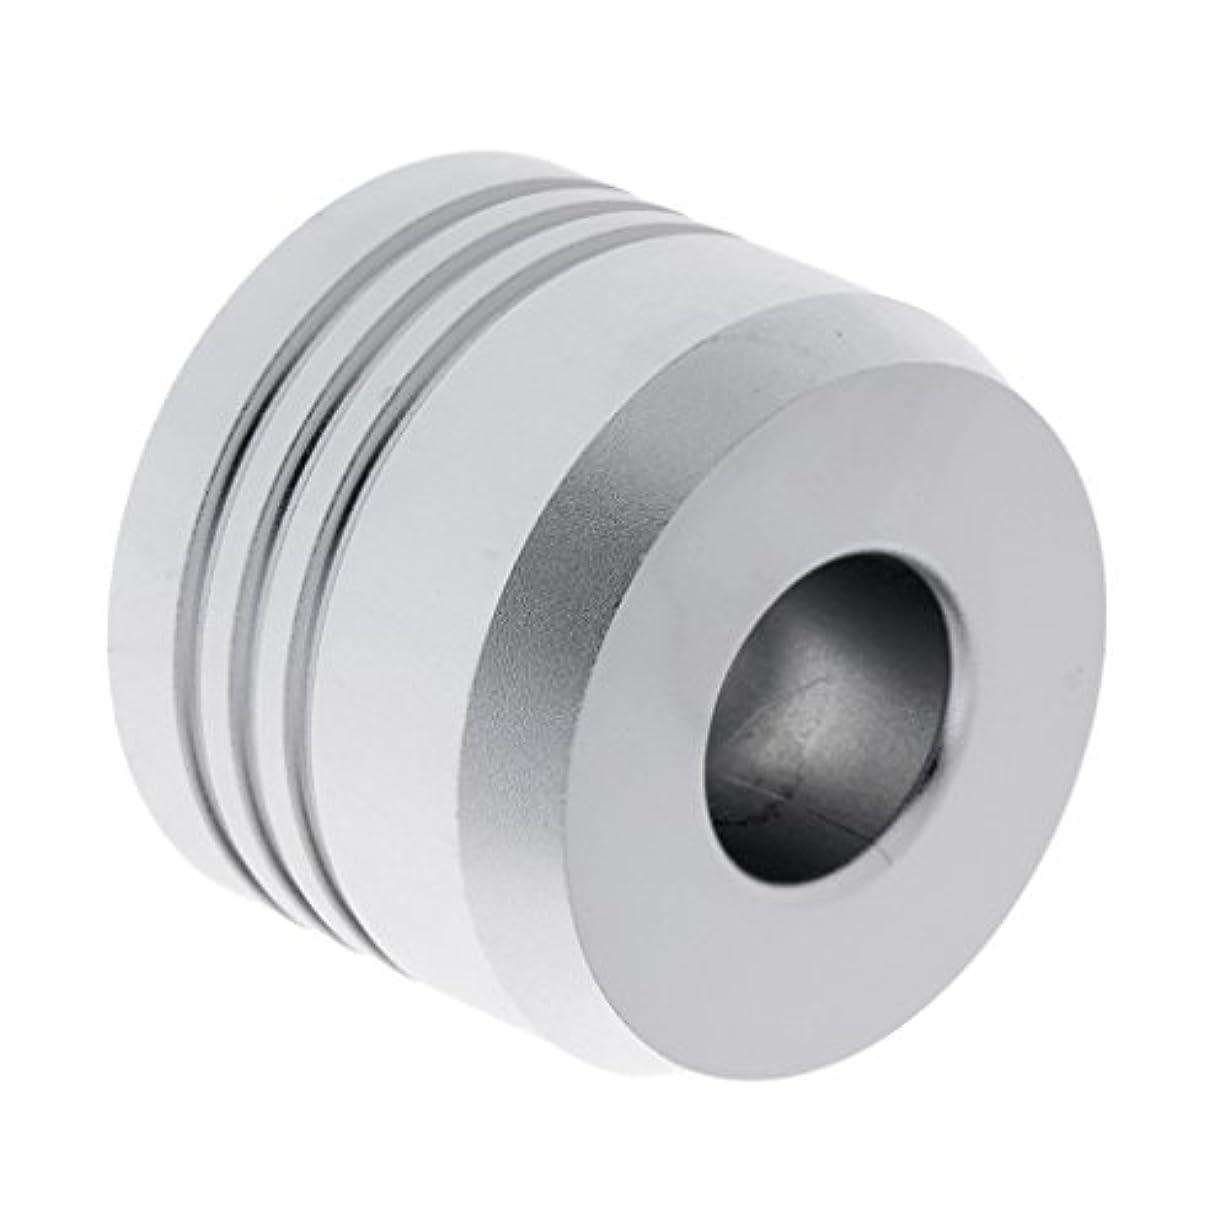 項目ハリケーン急いでKesoto セーフティカミソリスタンド スタンド メンズ シェービング カミソリホルダー サポート 調節可能 シェーバーベース 2色選べ   - 銀